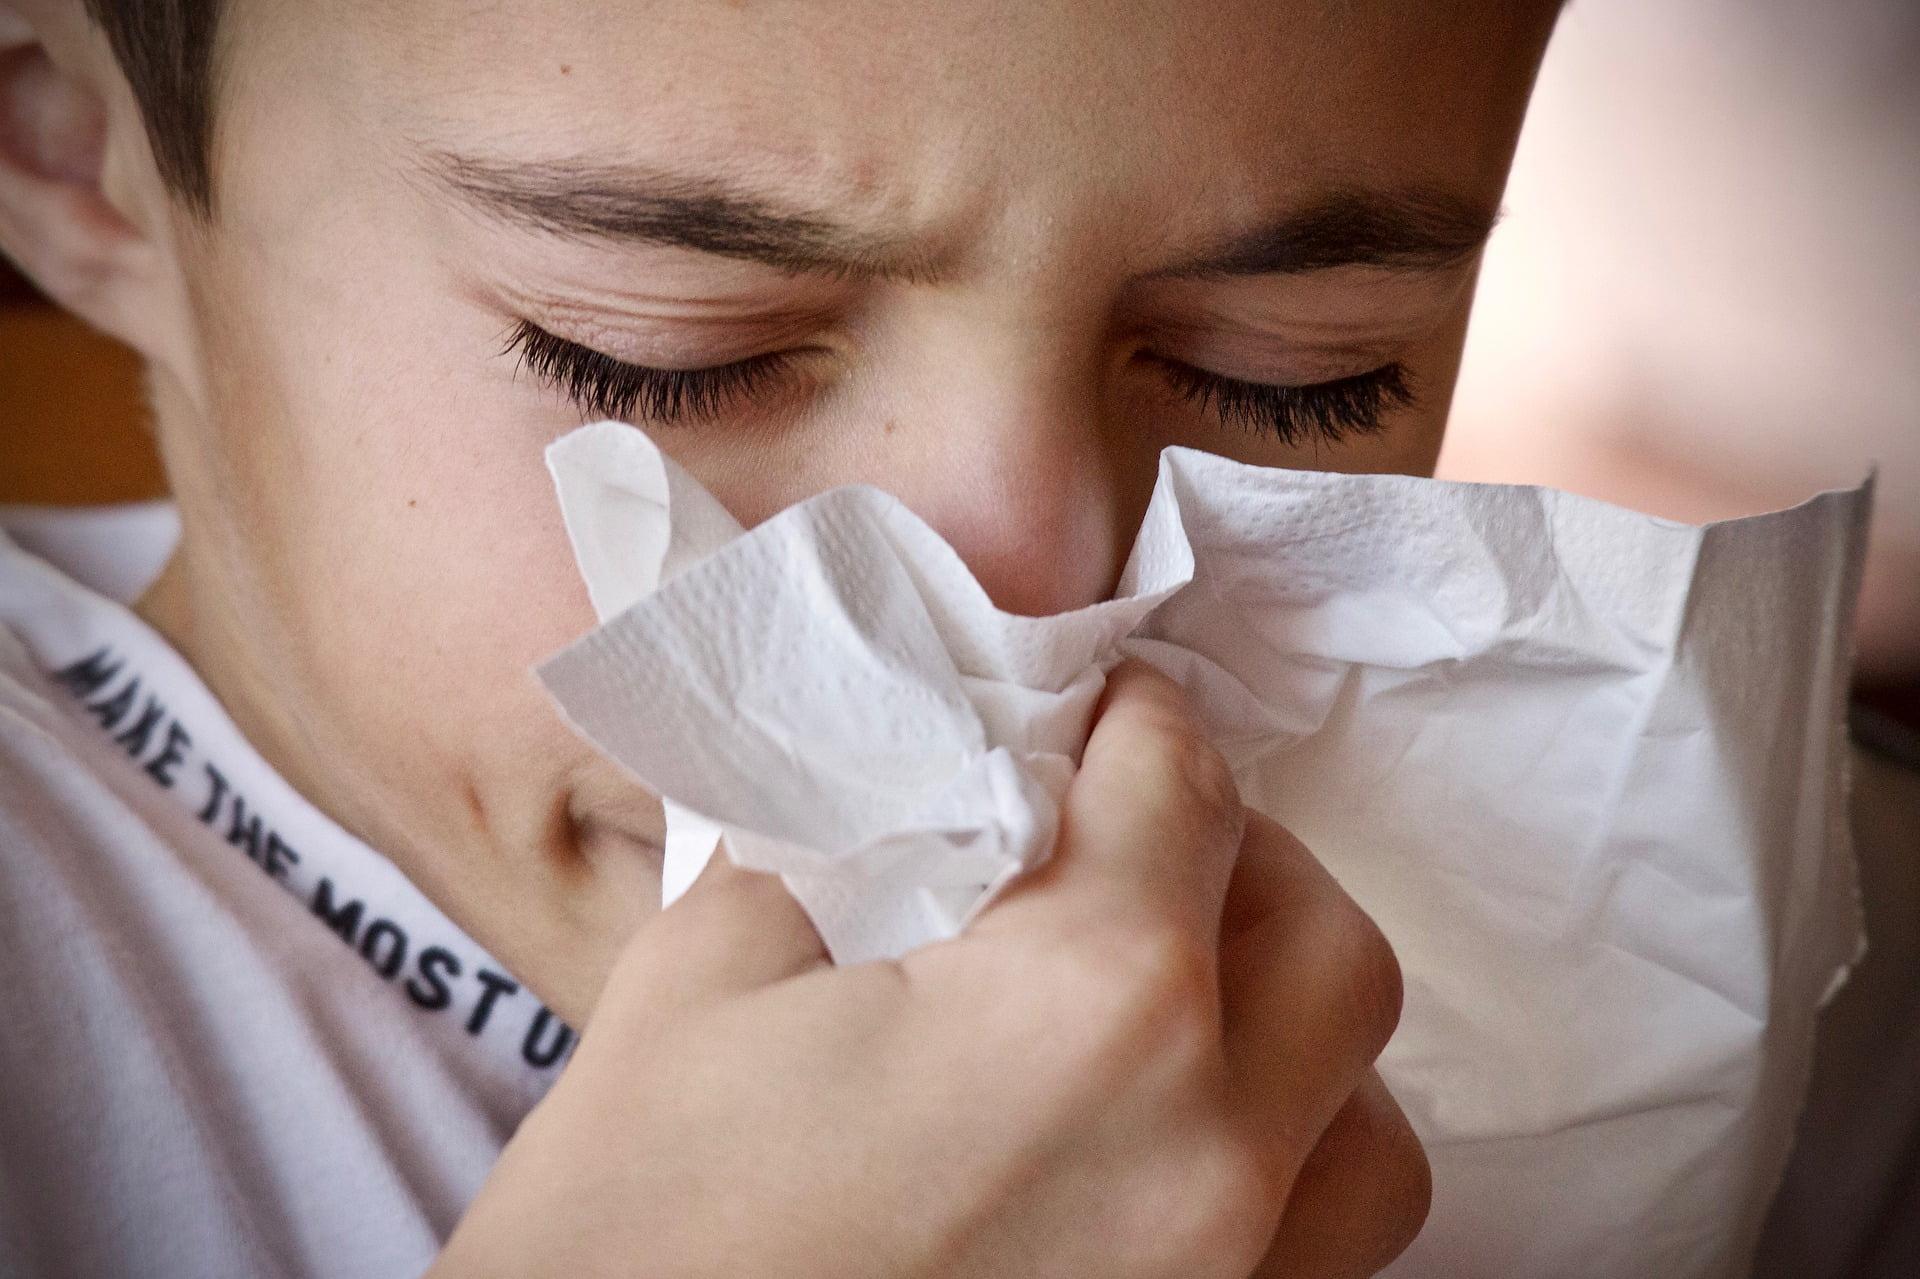 Subiectul zilei: analize pentru depistarea alergiilor la copii.